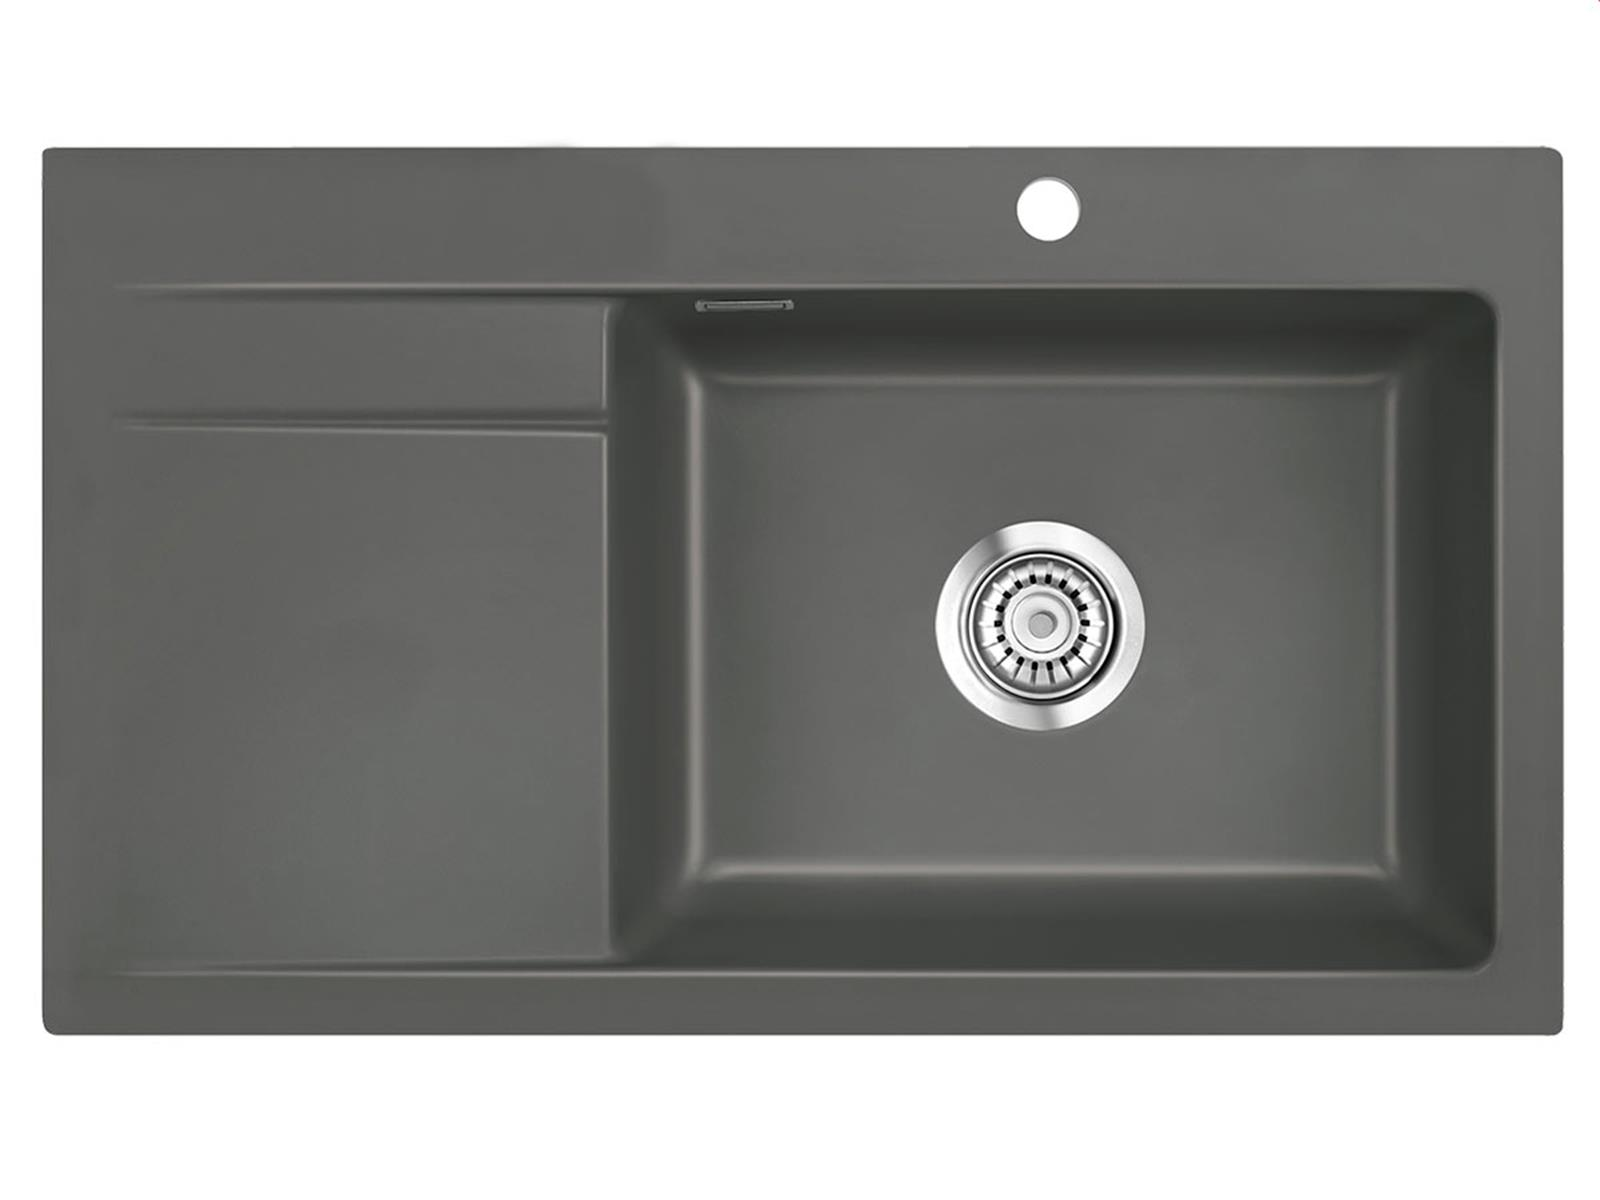 Systemceram Stema 86 SL Lava Keramikspüle Handbetätigung